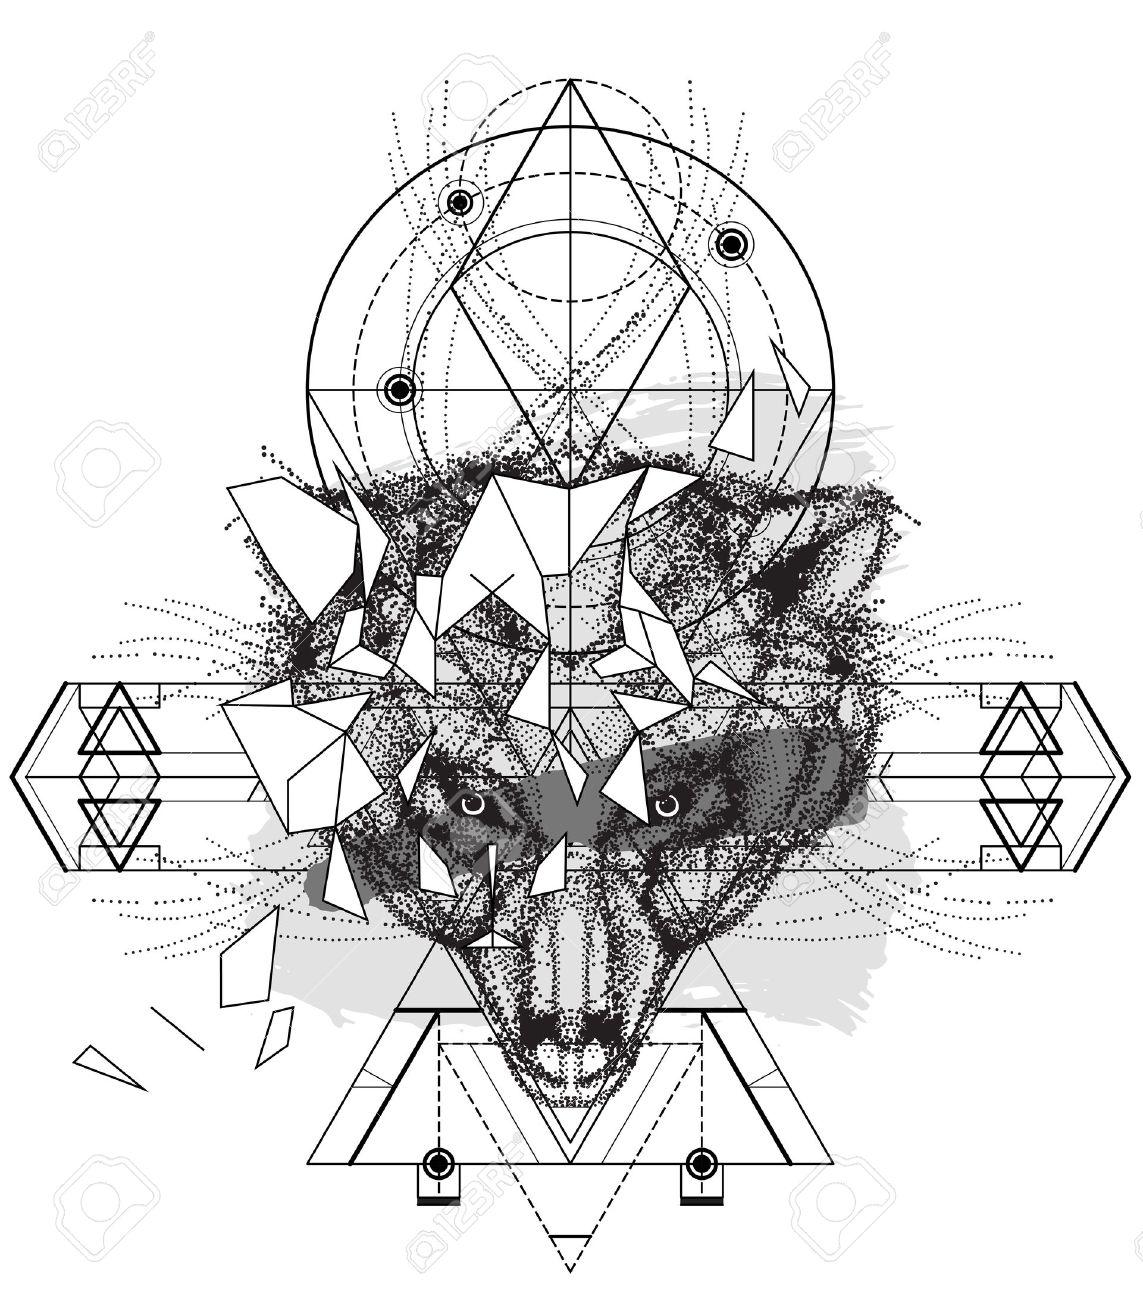 Tete D Ours D Animaux Icone Triangulaire La Conception Geometrique